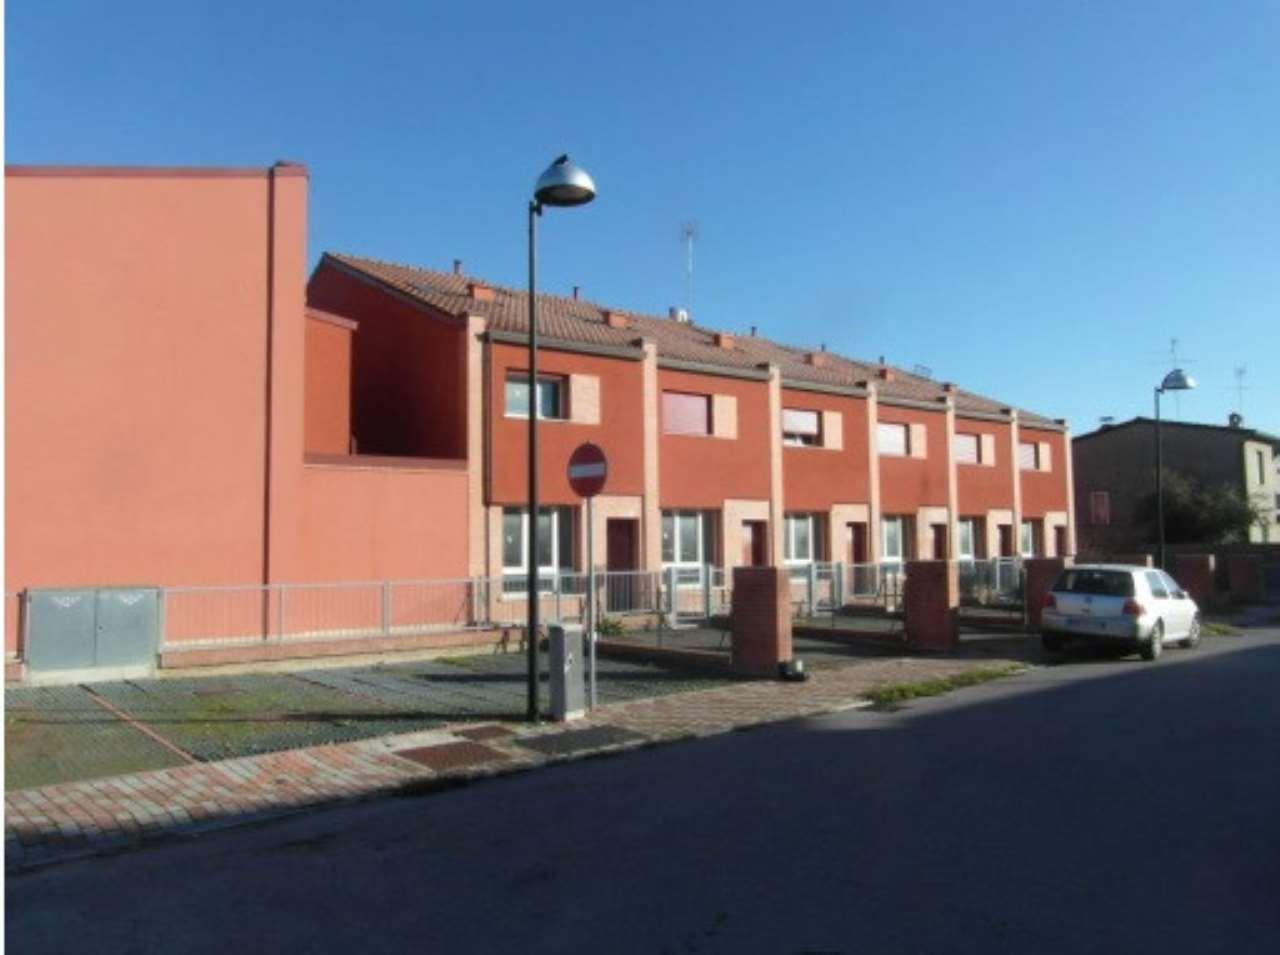 Foto 1 di Casa indipendente Via Dante Alighieri s.n.c., Fusignano